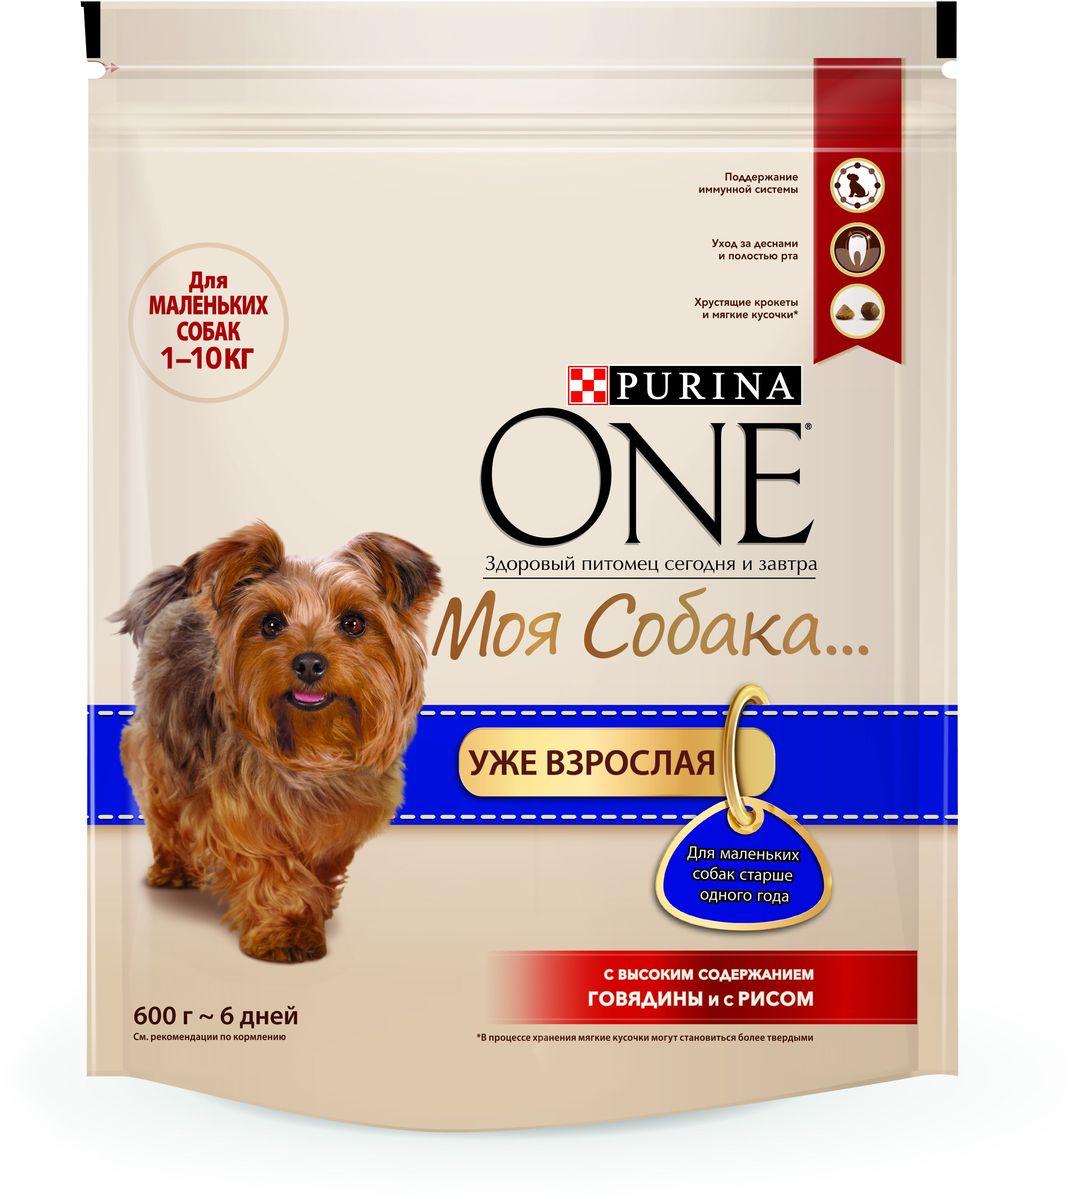 Корм сухой Purina One Моя Собака…Уже взрослая, с говядиной и рисом, 600 г65581Вкусное сочетание хрустящих крокетов и мягких кусочков с высоким содержанием говядины, отличается высоким уровнем антиоксидантов для поддержания крепкой иммунной системы и необходимыми питательными веществами для ухода за полостью рта. Начните кормить вашего любимца кормом PURINA ONE® Моя Собака...и оцените видимый результат улучшения его здоровья. МЕ/кг: витамин А: 30 000; витамин D3:1 000; витамин E: 600. Мг/кг: витамин С: 140; железо: 69; йод: 1,7; медь: 10; марганец: 32; цинк: 130; селен: 0,11. Белок: 27,0%, Жир: 17,0%, Сырая зола: 7,0%, Сырая клетчатка: 1,5%.